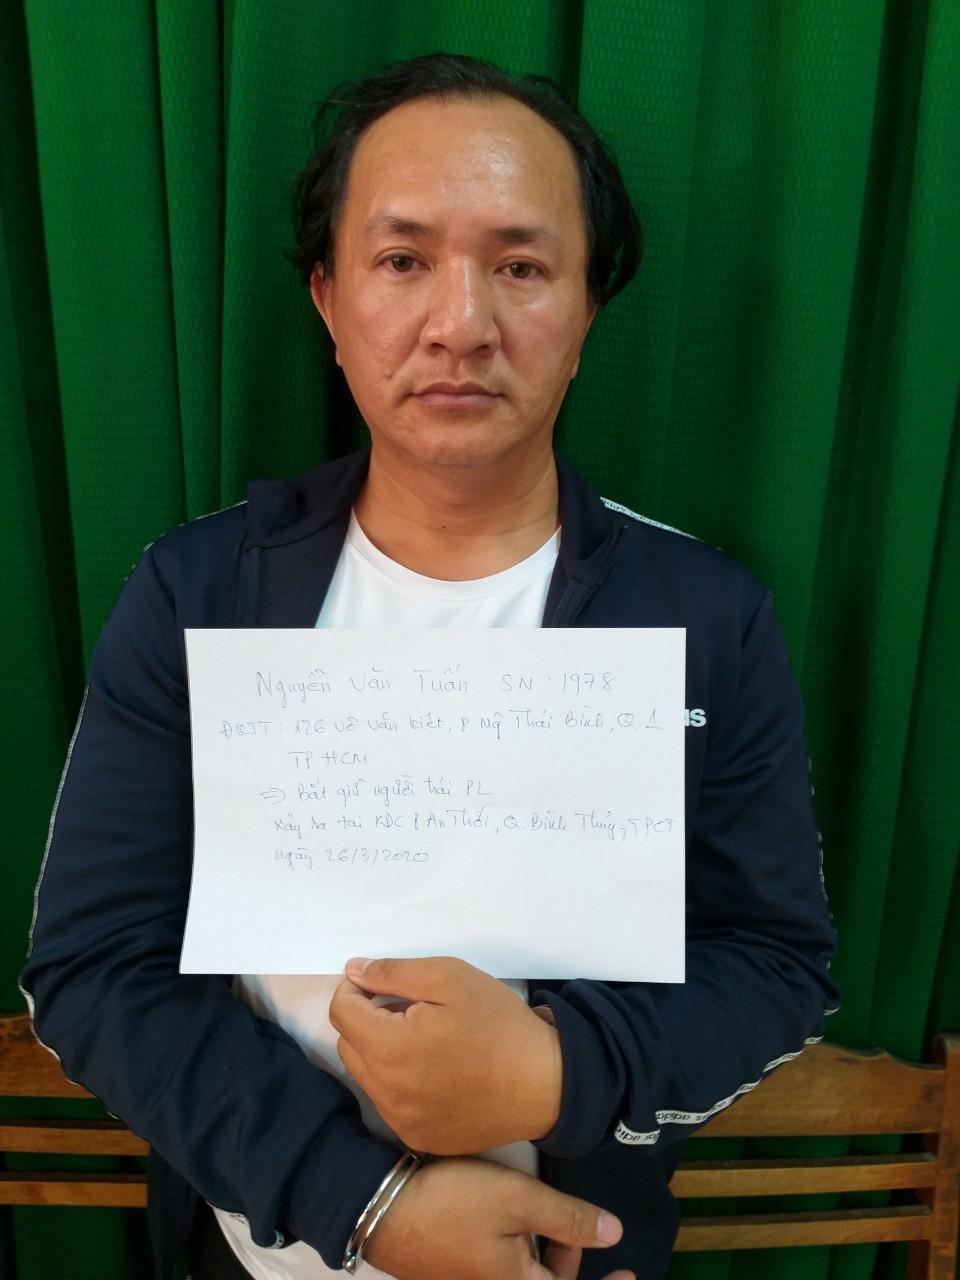 Đối tượng Nguyễn Văn Tuấn bị công an Cần Thơ bắt giữ